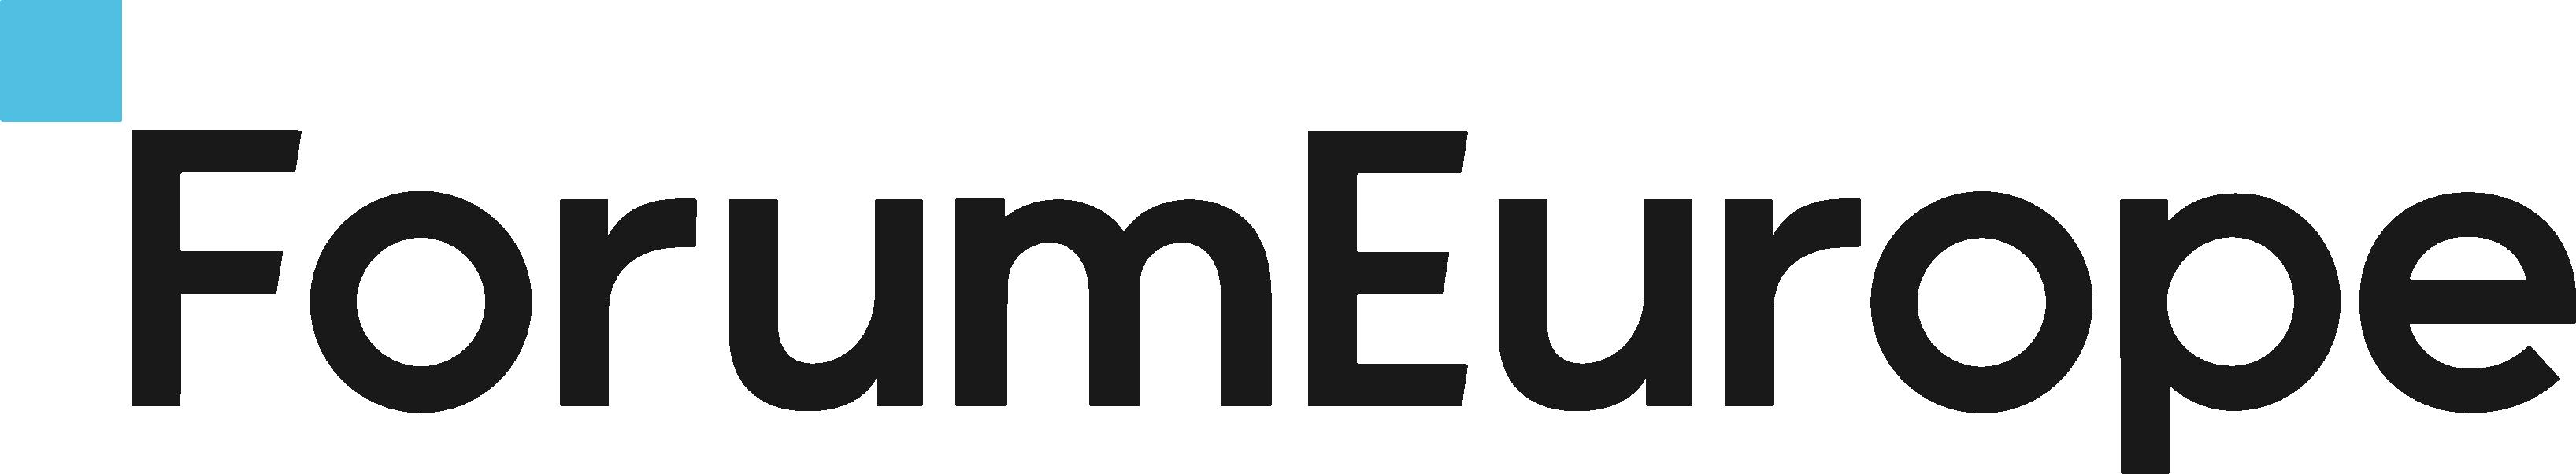 Forum Europe logo